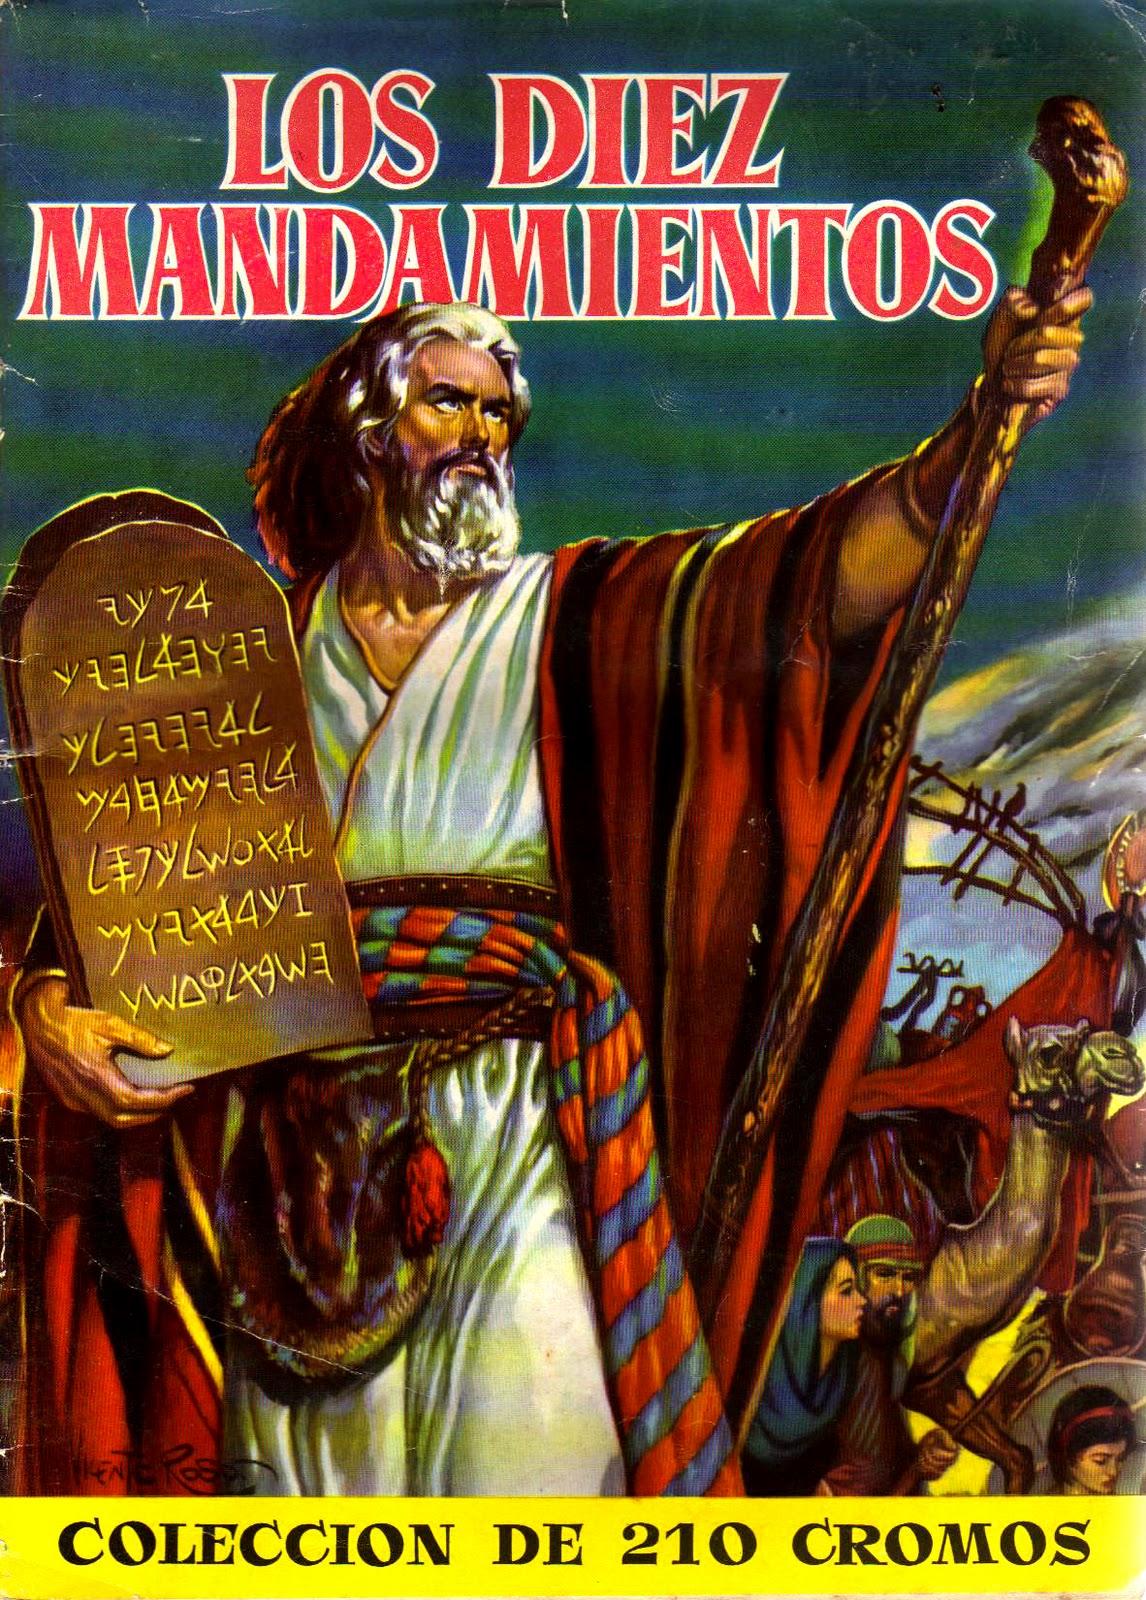 Vintage album de los diez mandamientos - Los 10 locos mandamientos ...